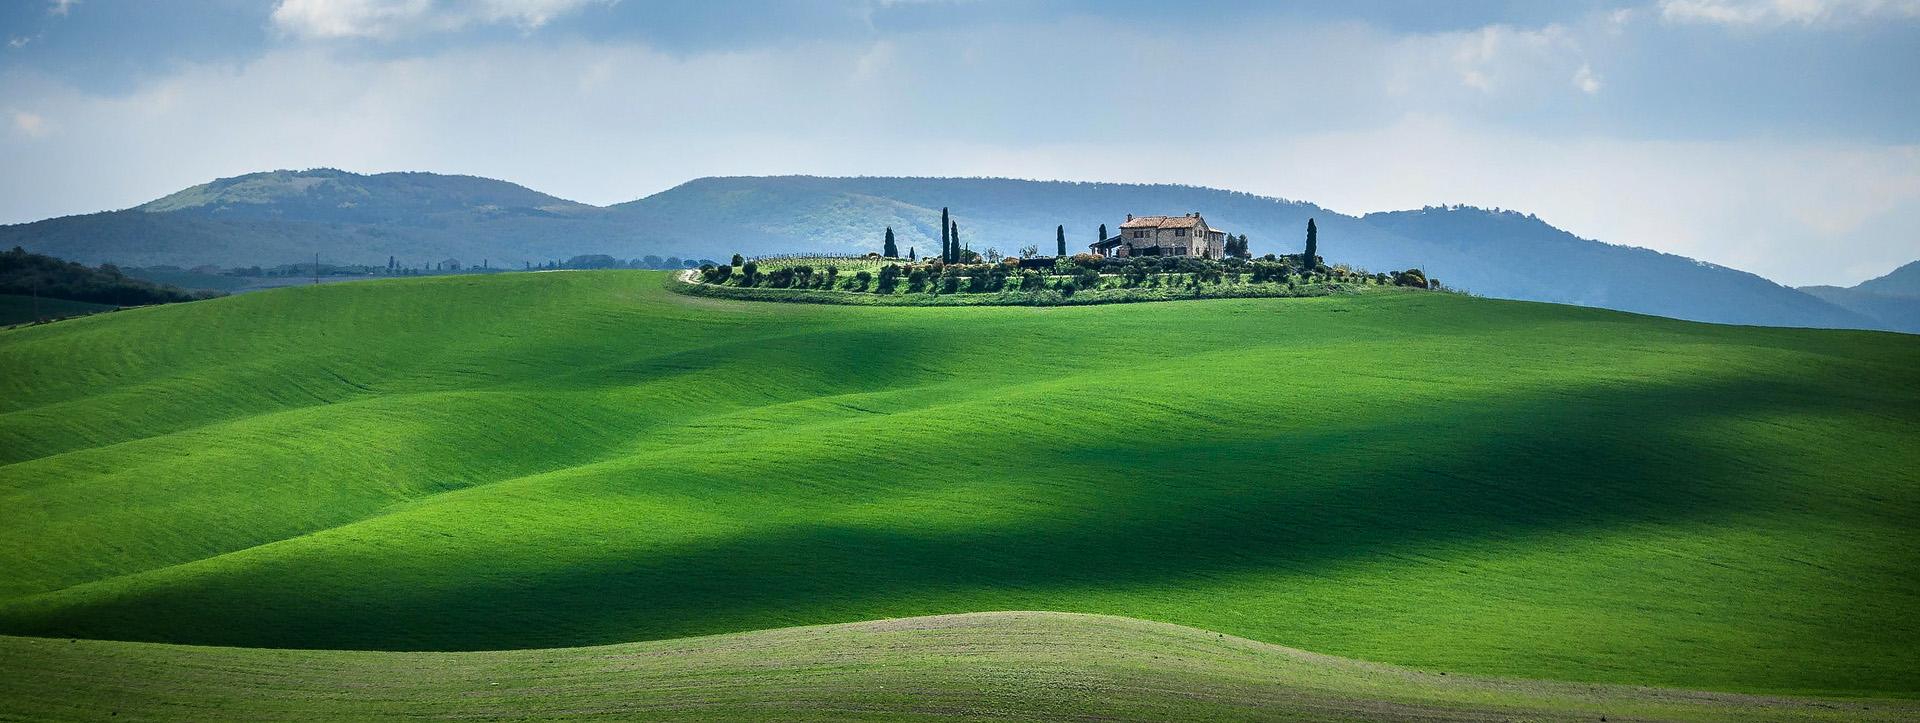 Toscana Fields